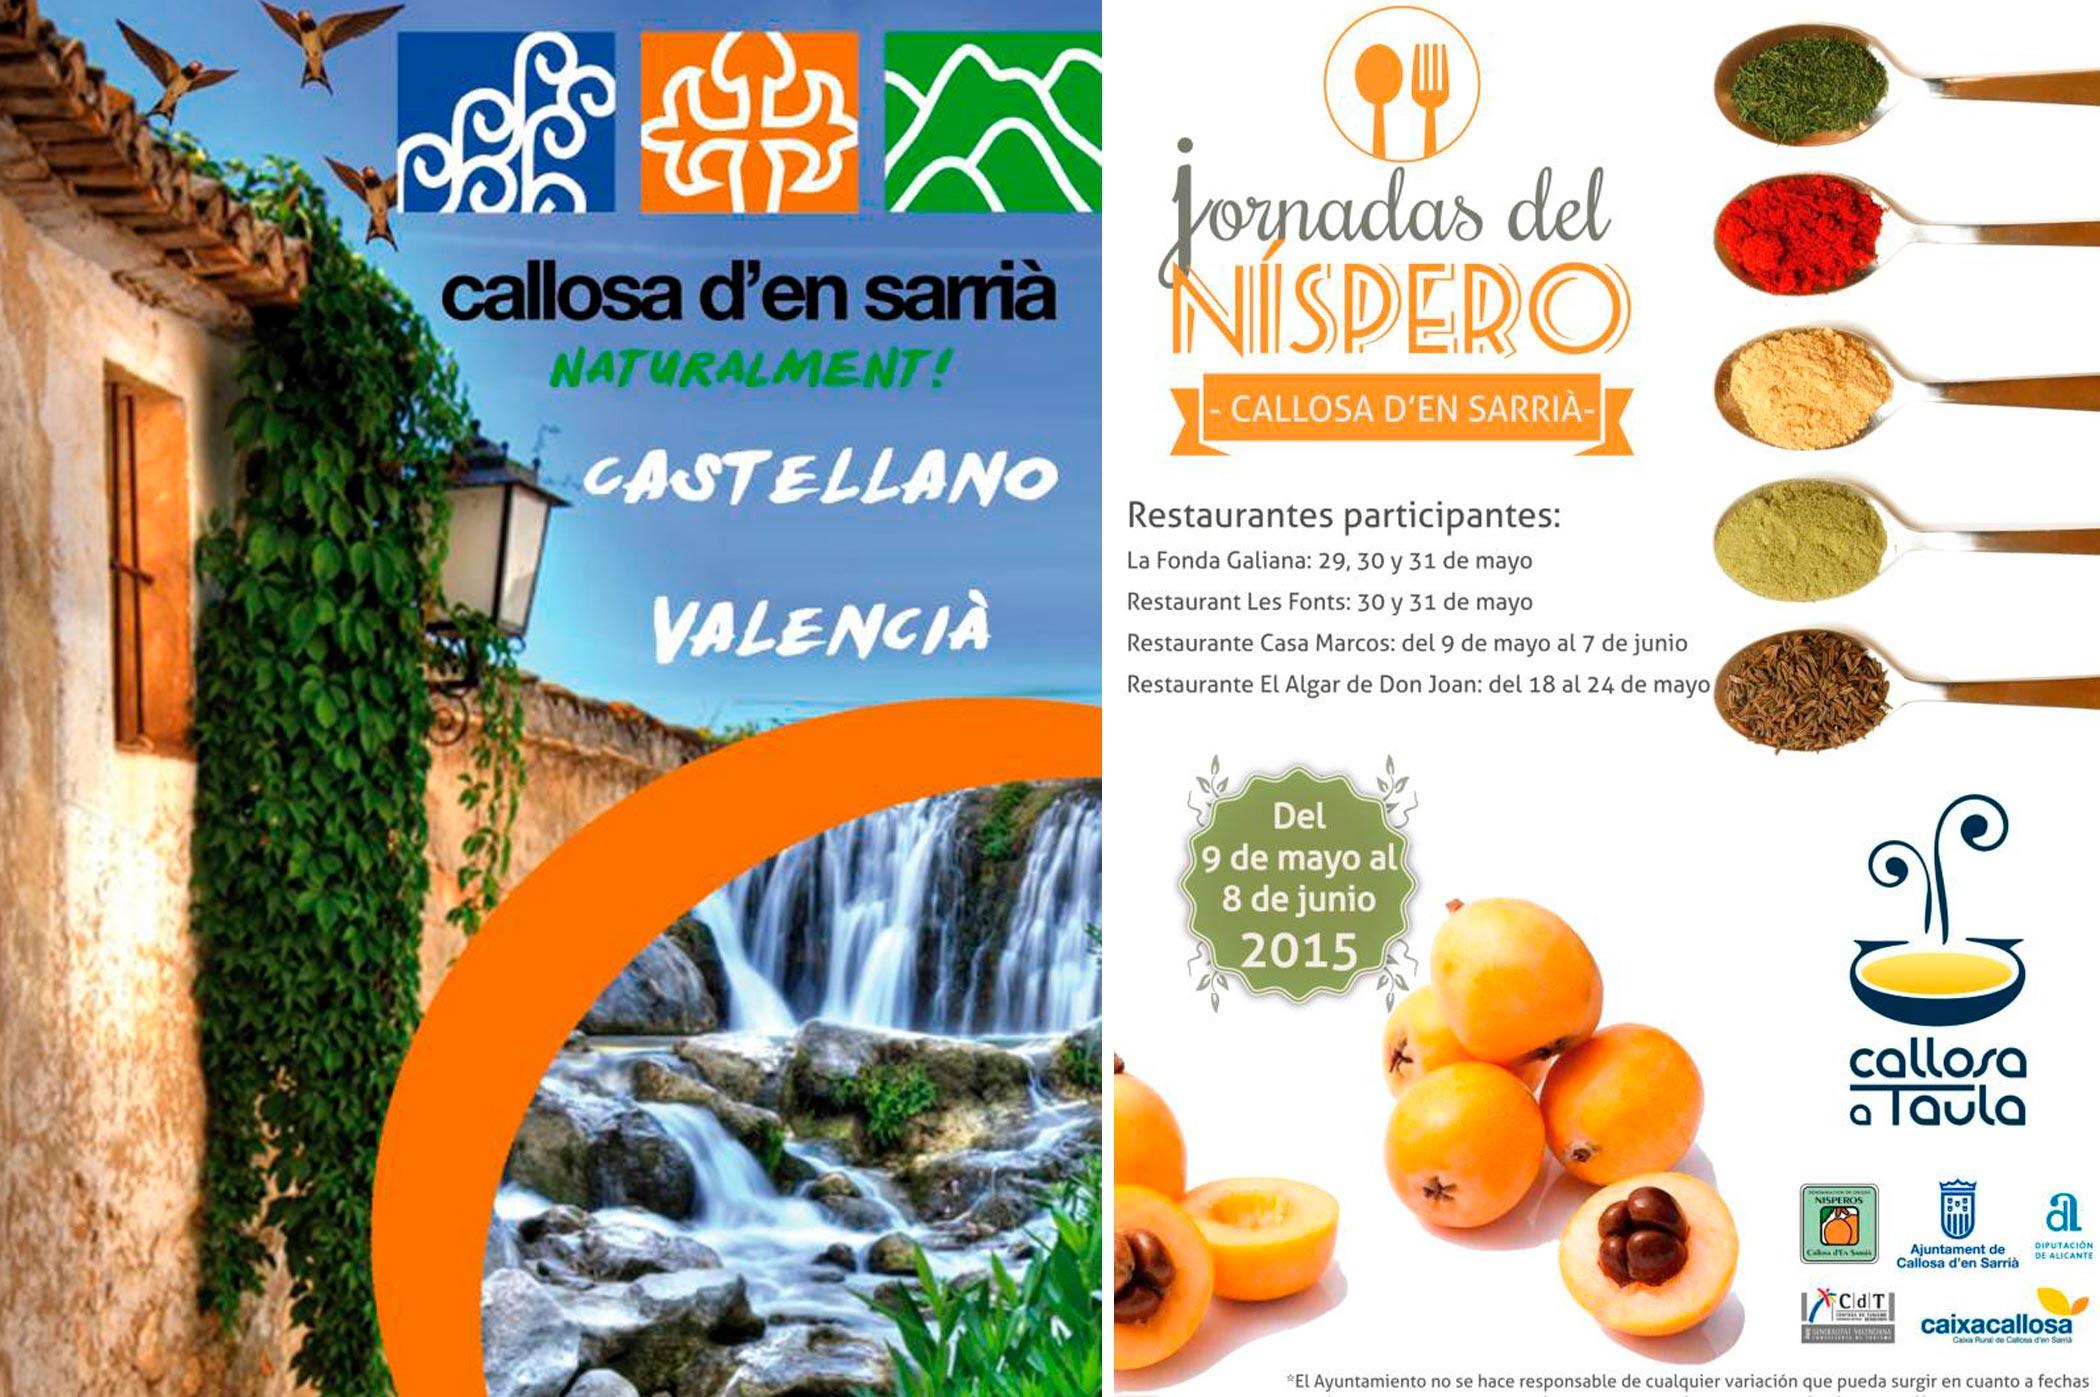 Callosa d´en Sarrià (Alicante)